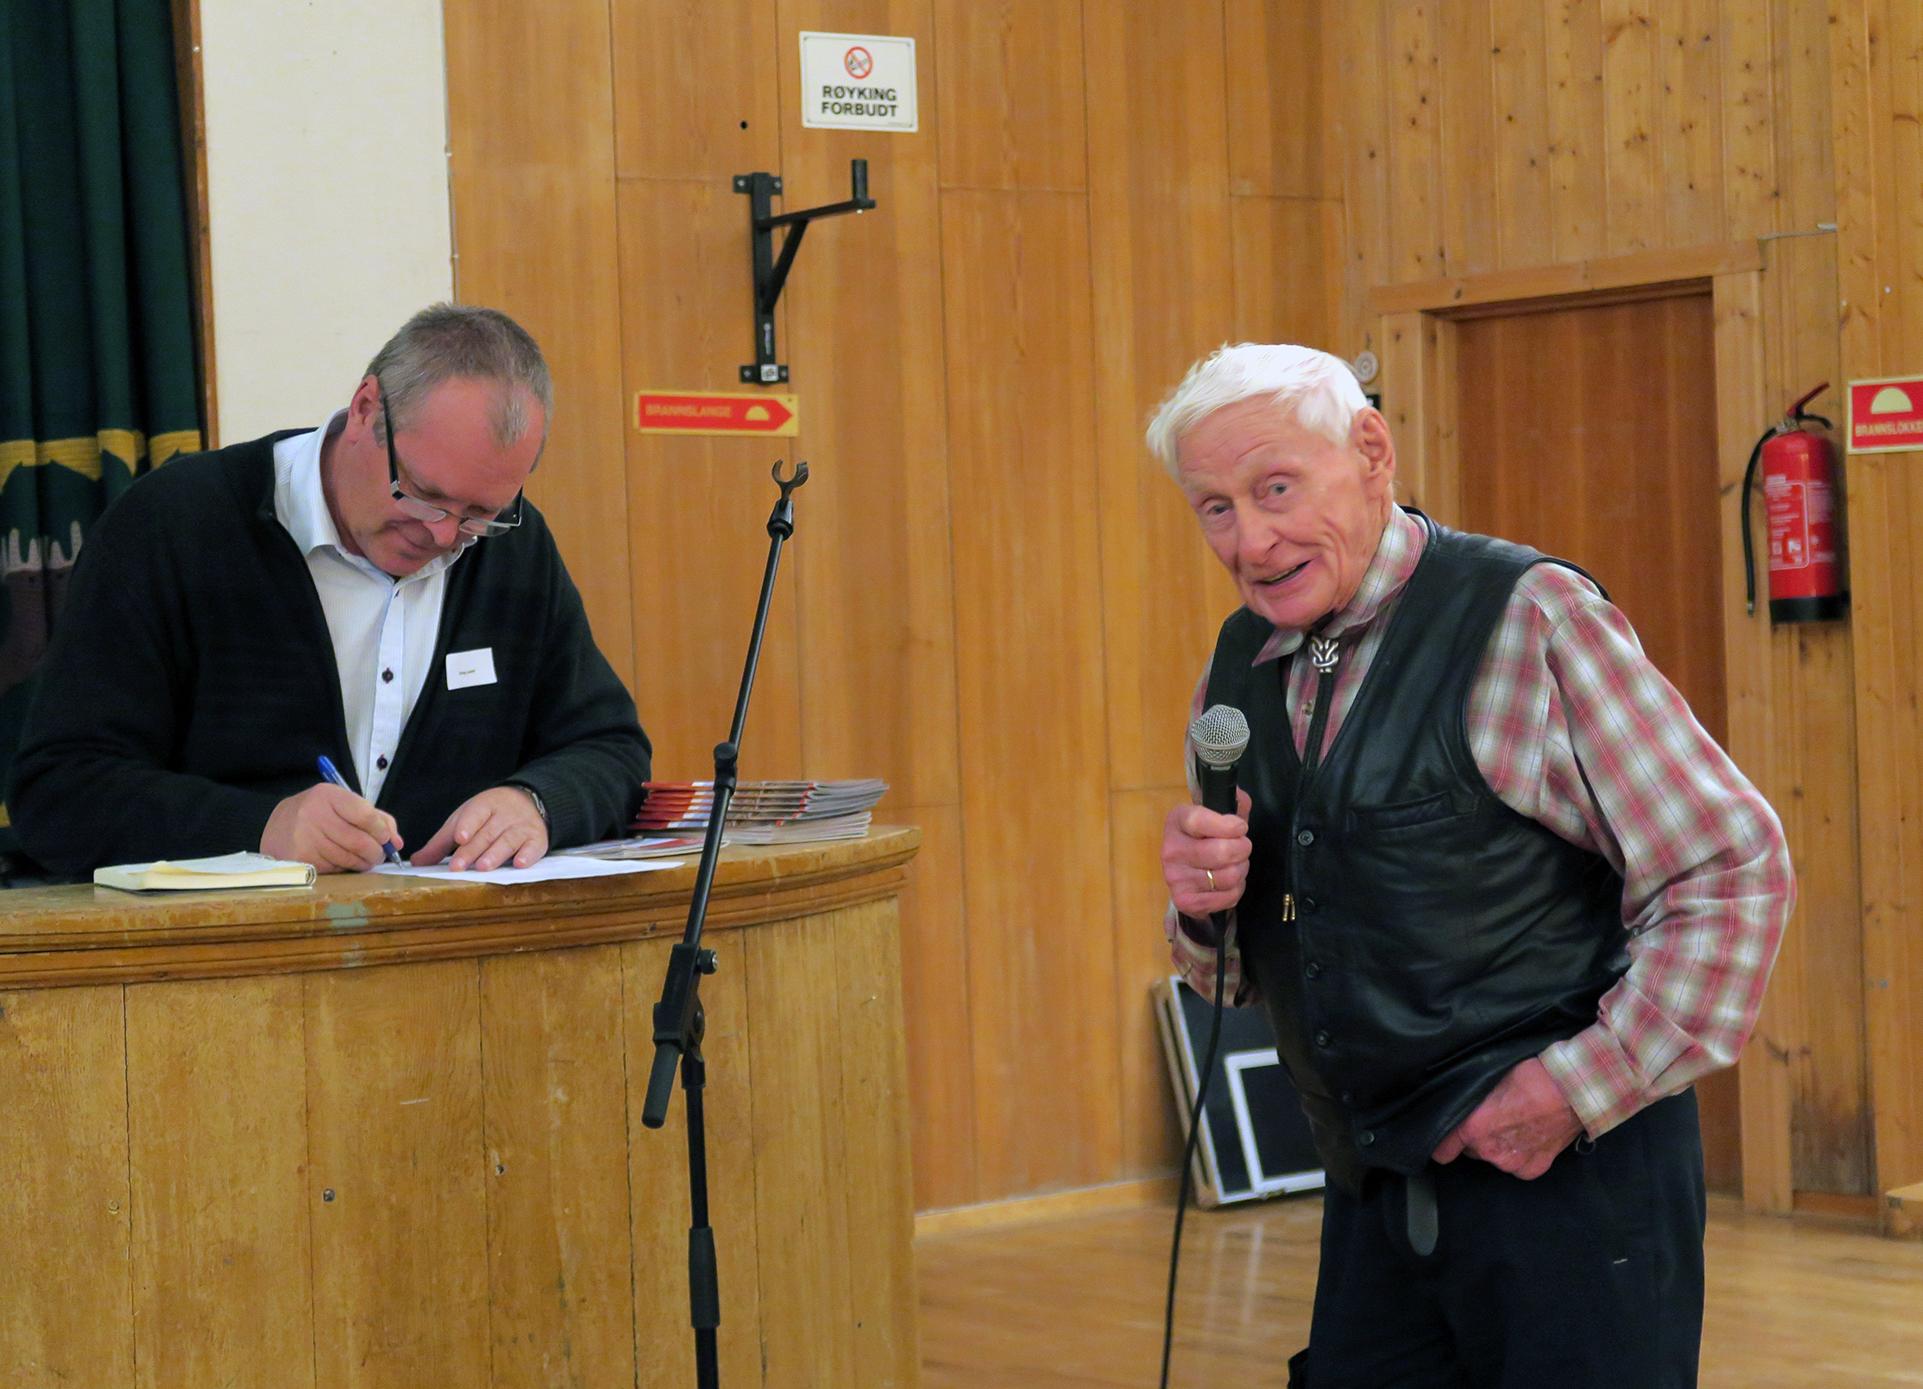 Pensjonert reineier Anders Fjellheim fra Røros grep mikrofonen på Forollhogna-konferansen i Dalsbygda i dag. Erling Lenvik, ordstyrer på konferansen og ordfører i Midtre Gauldal kommune, noterer. Foto: Arne Nyaas